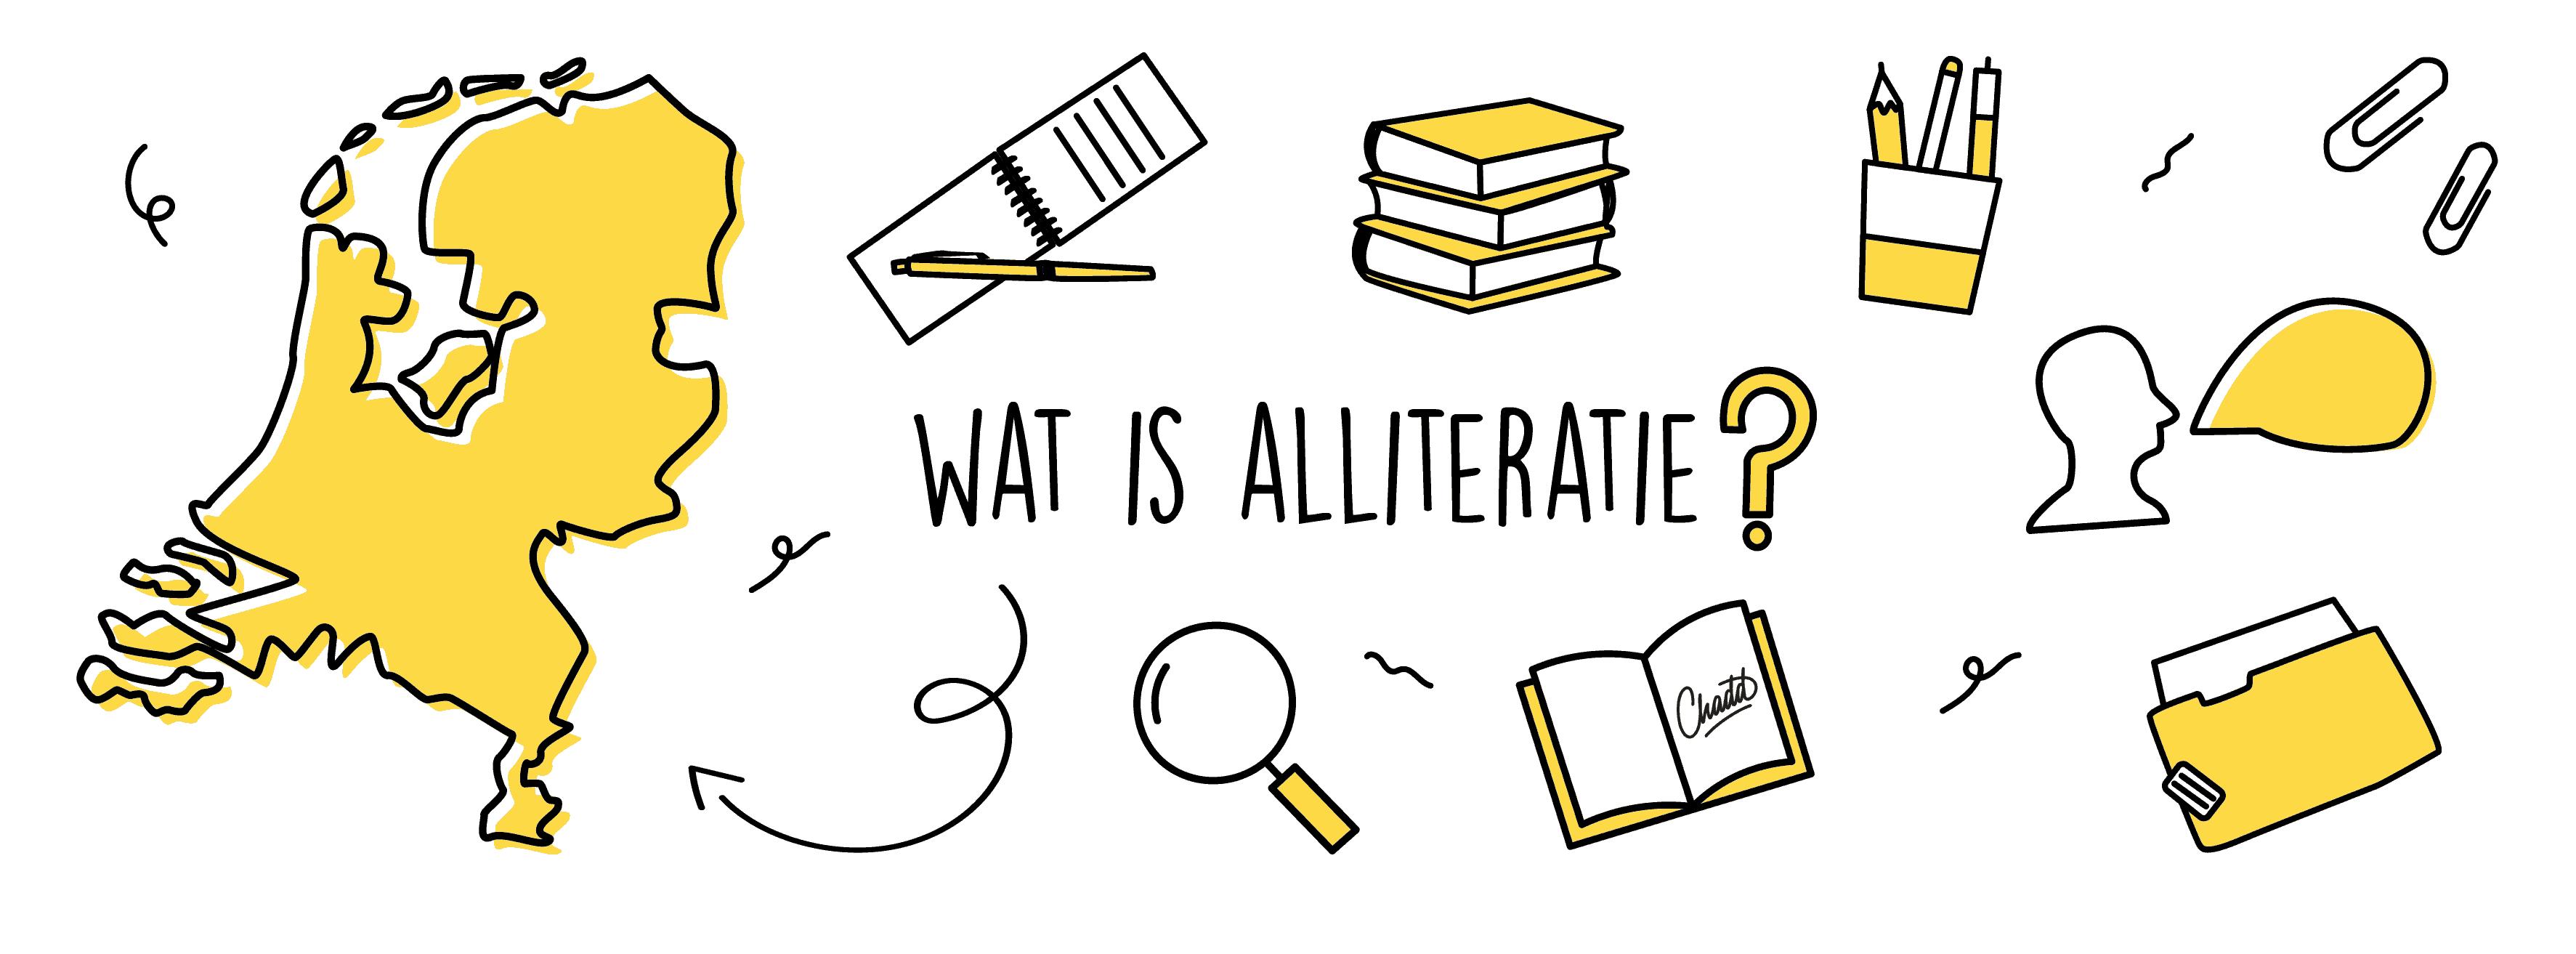 Alliteratie